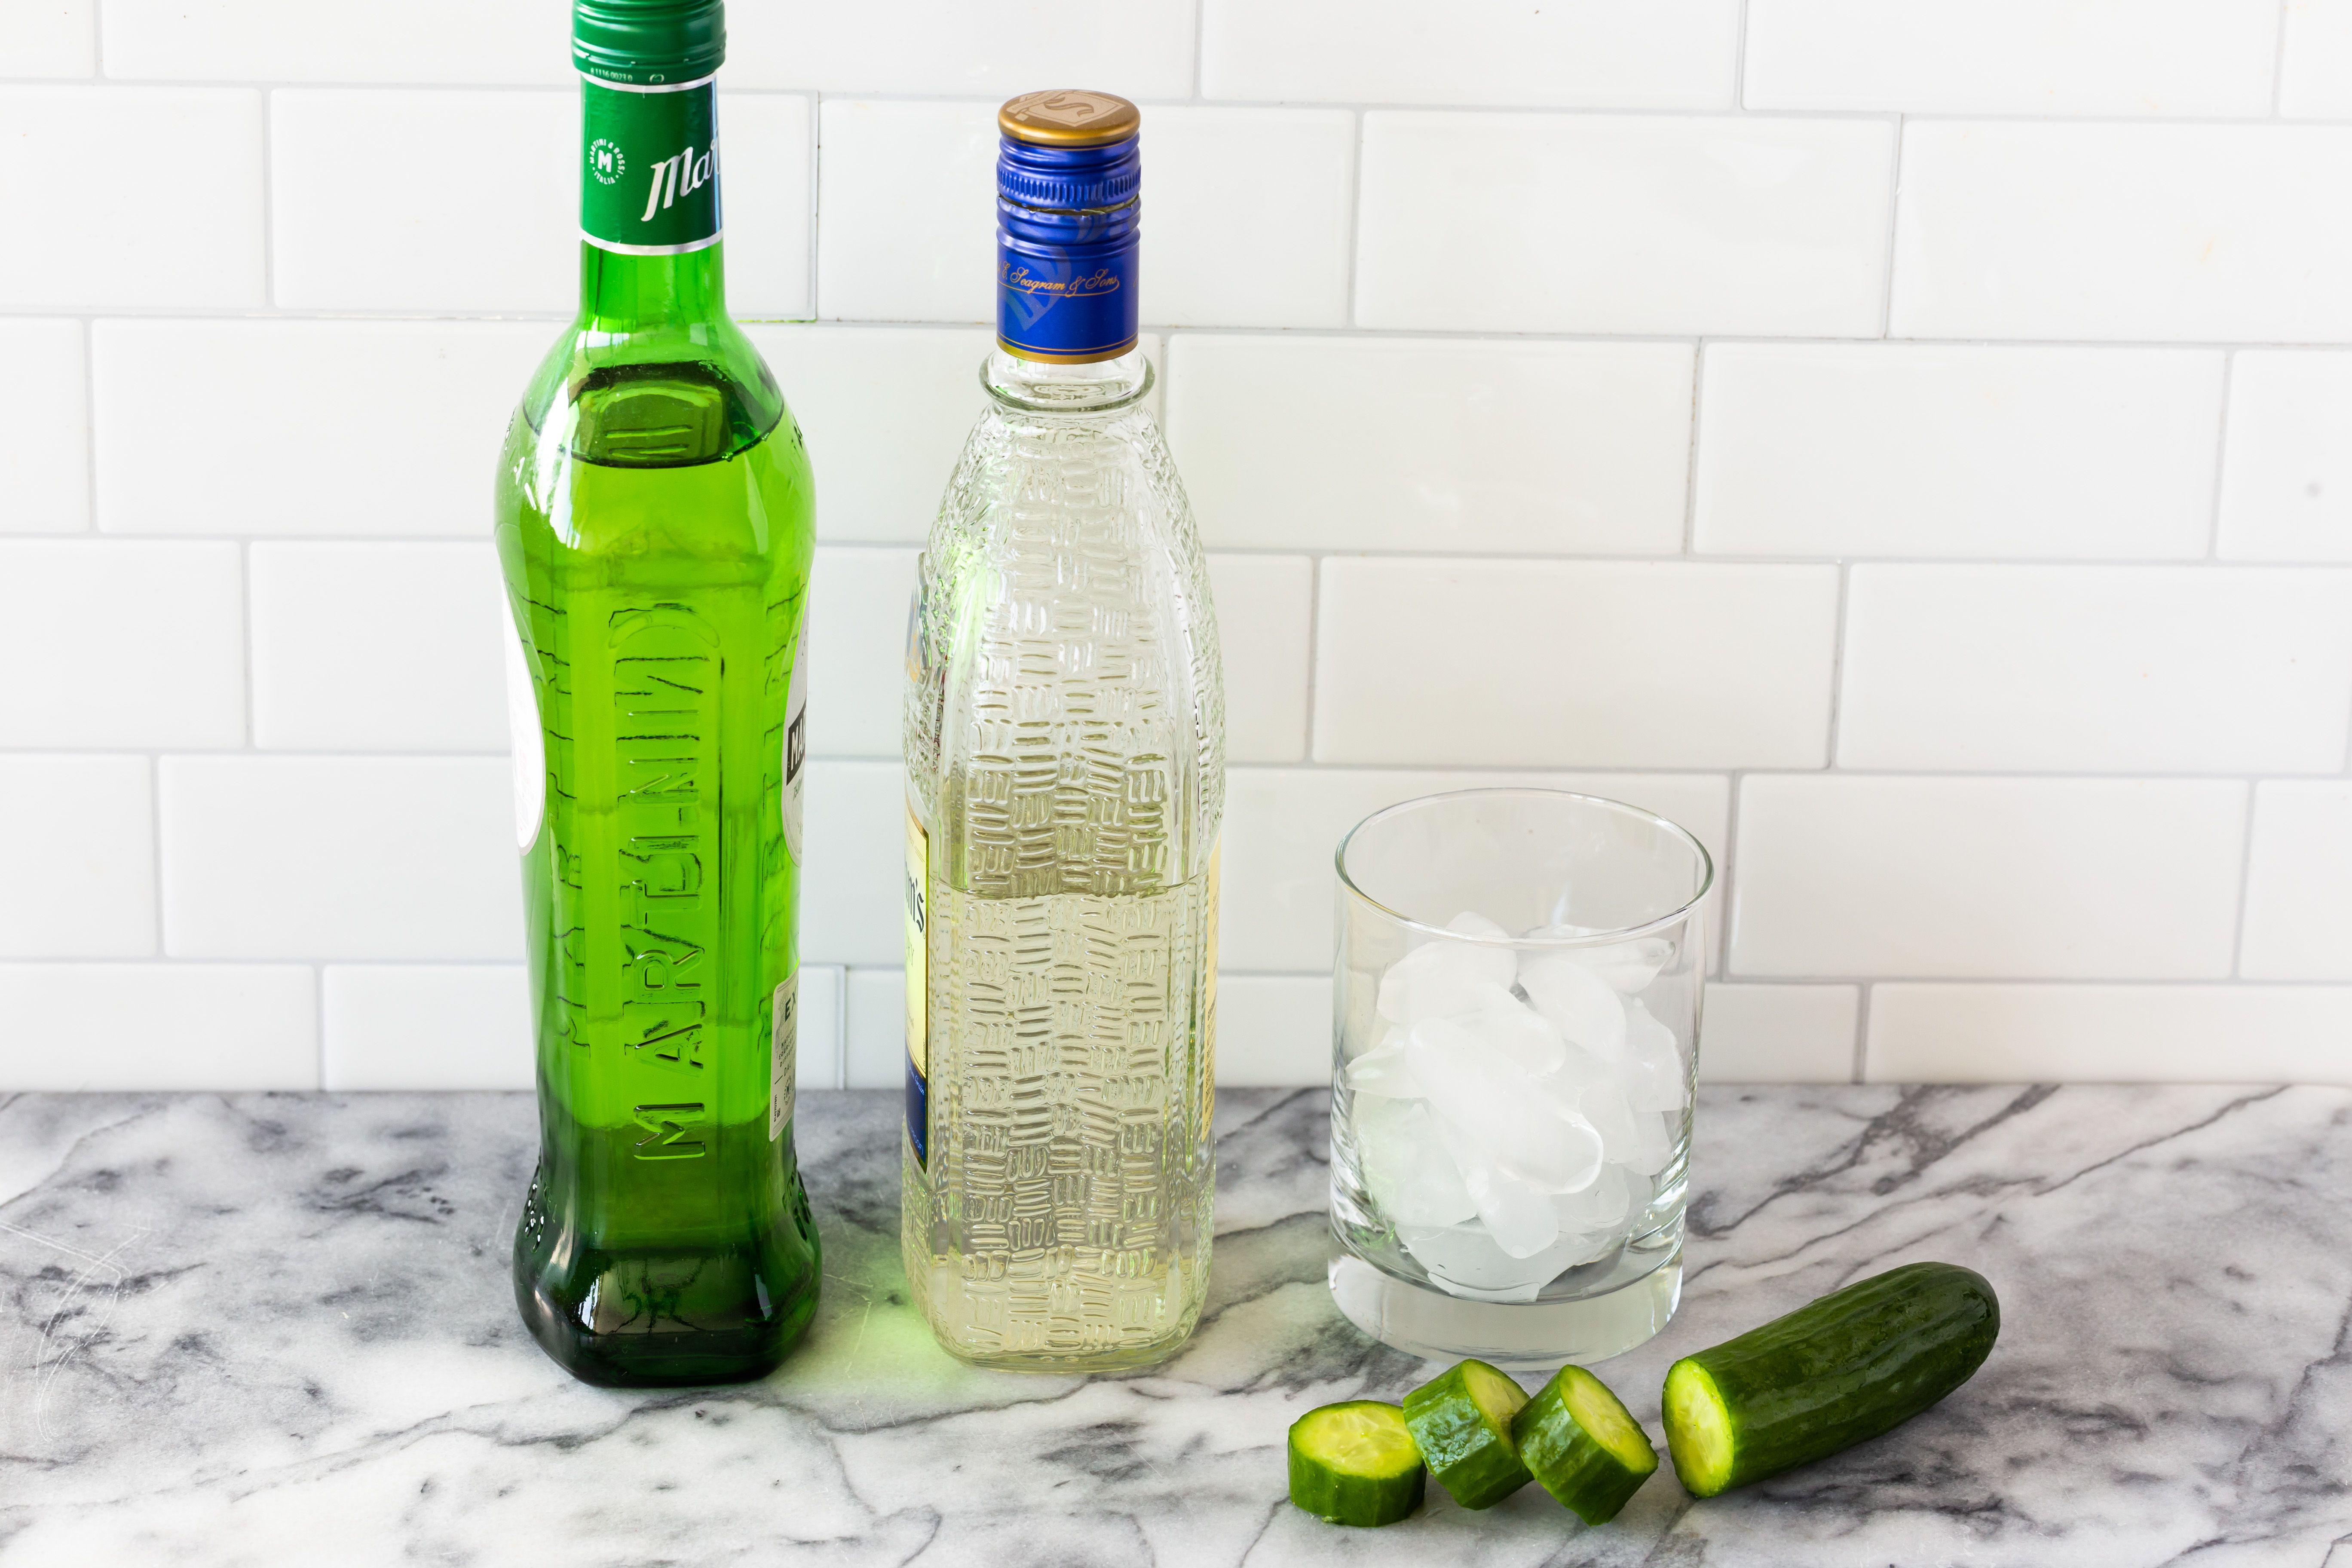 Cucumber martini ingredients